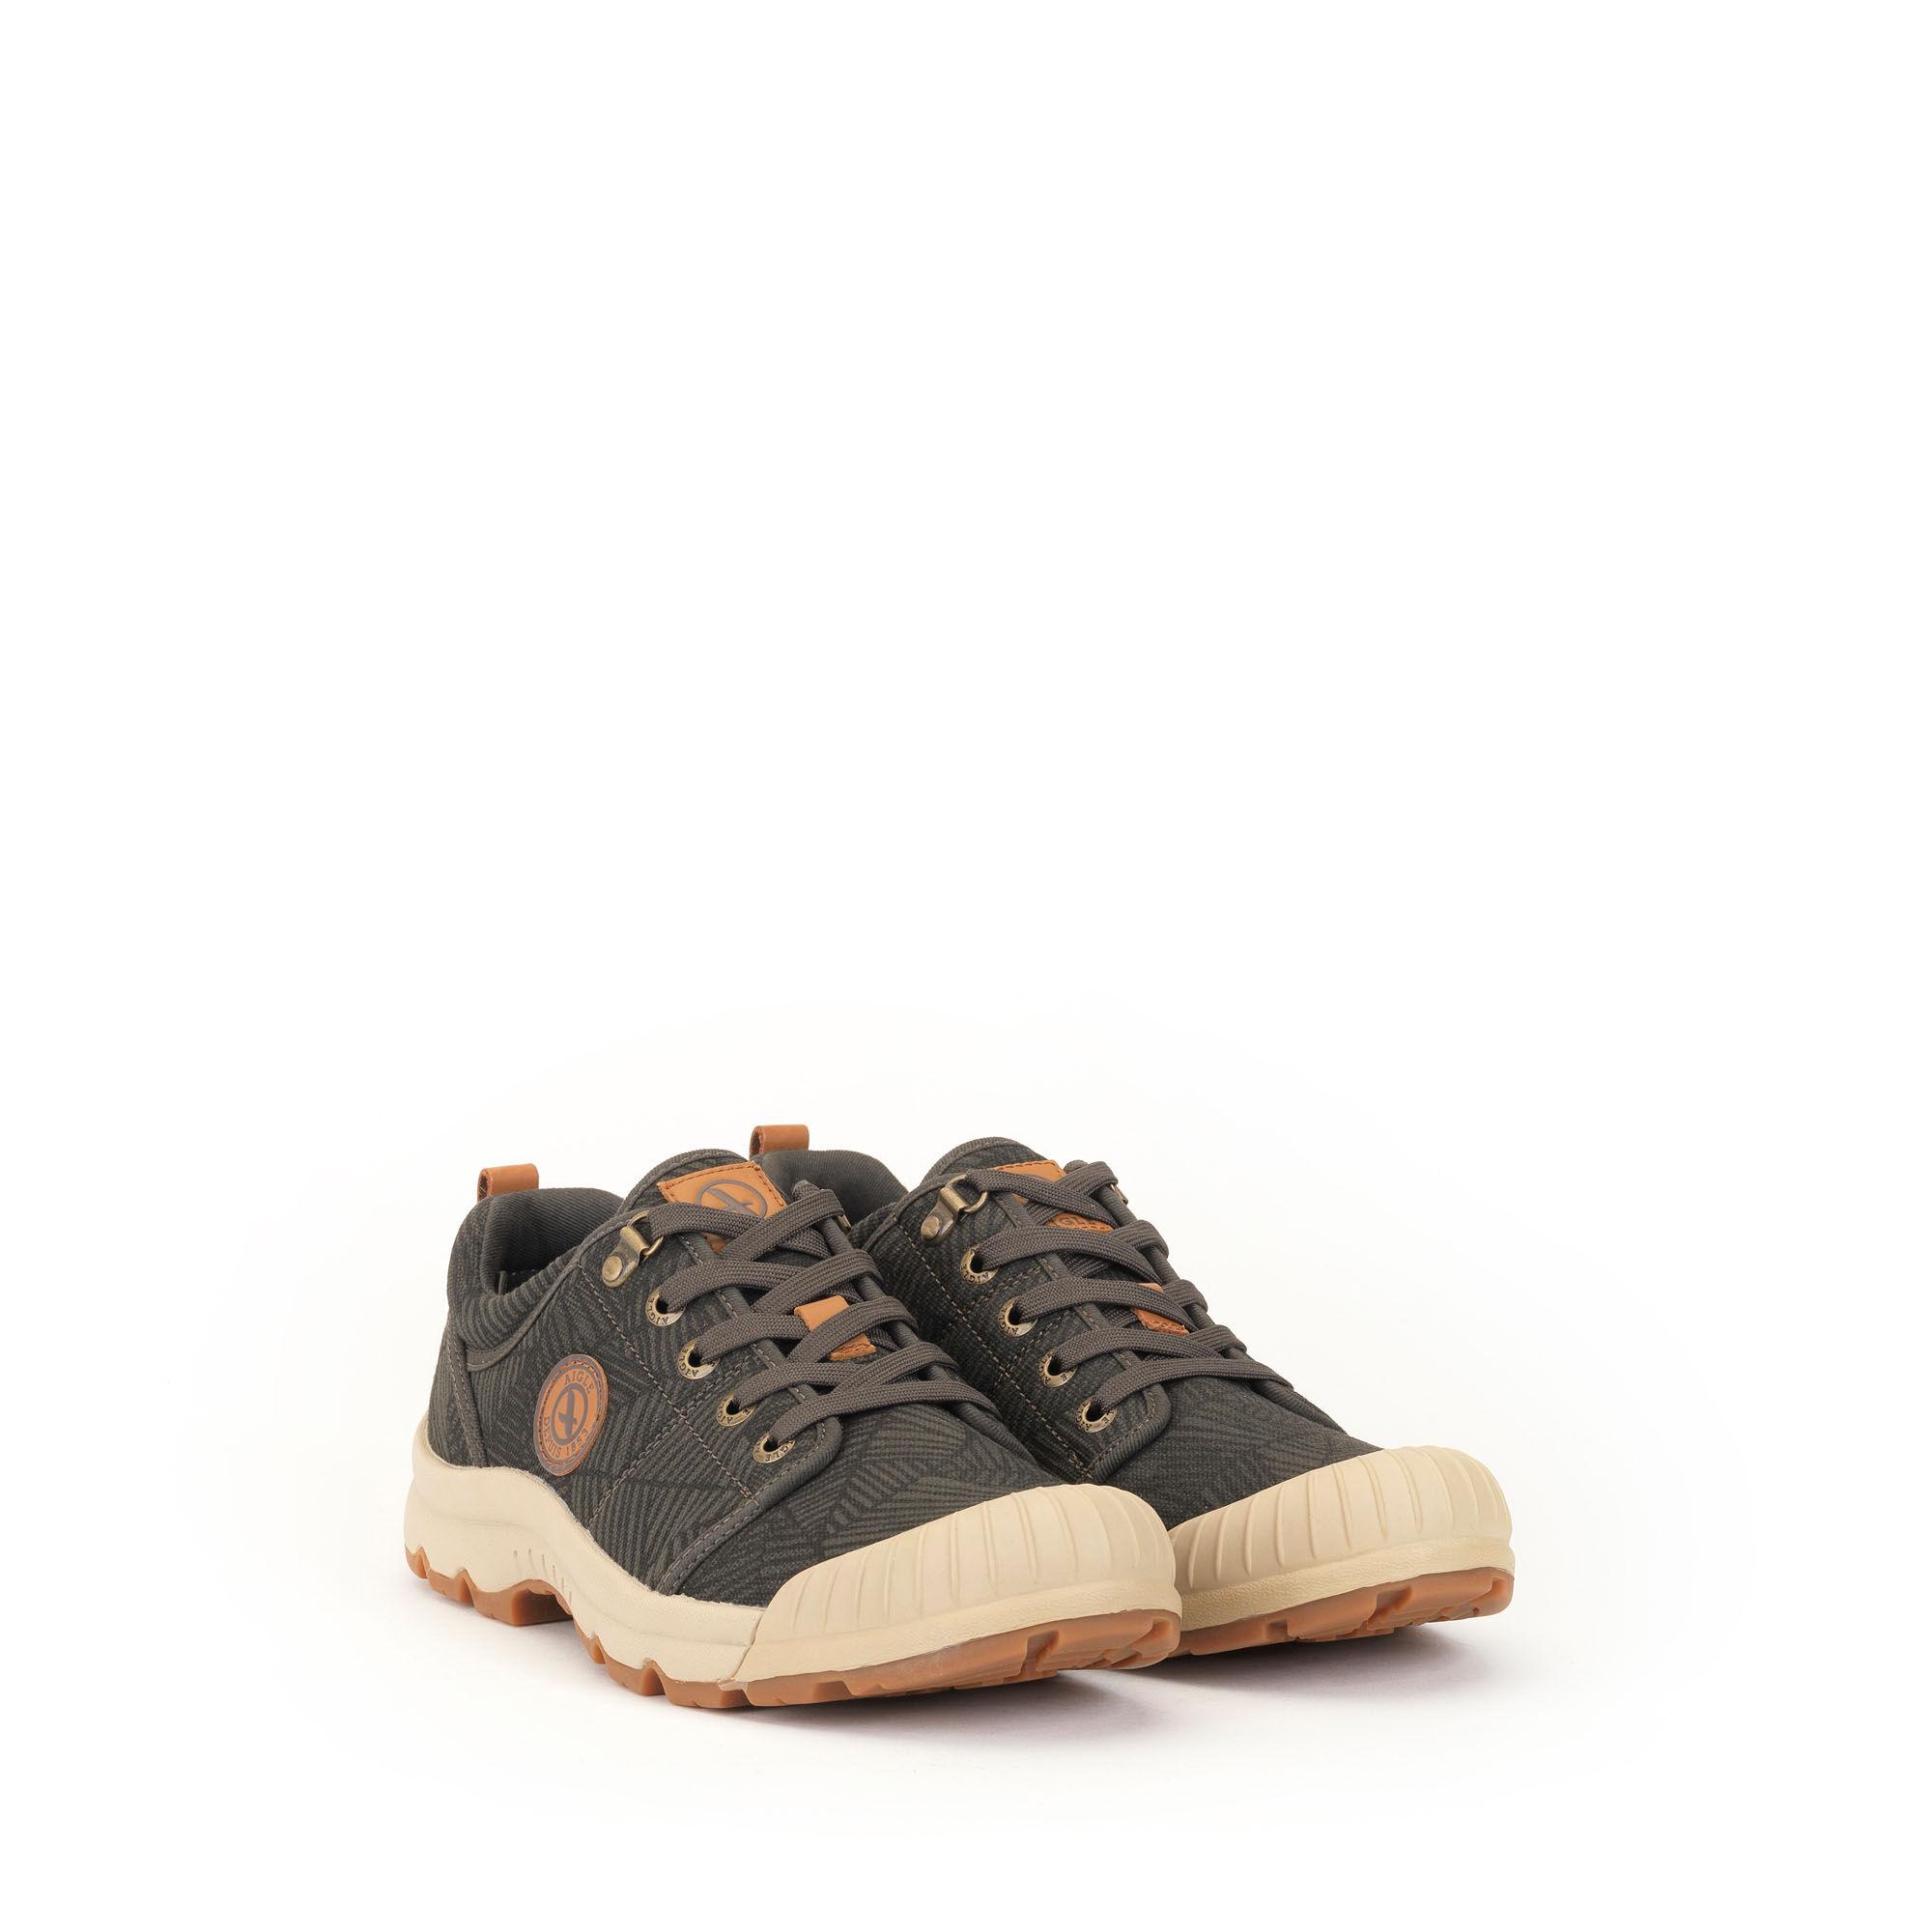 Chaussure légère en toile homme